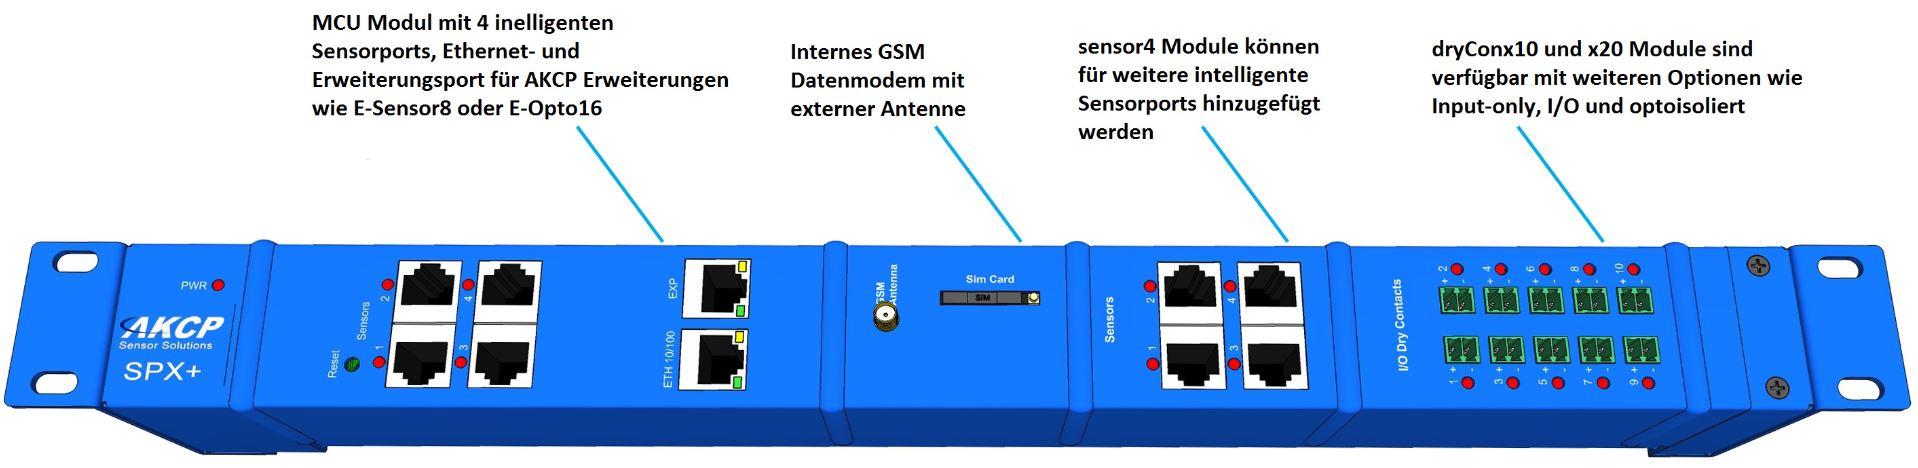 Verfügbare Module der sensorProbeX+ Überwachungslösung von AKCP